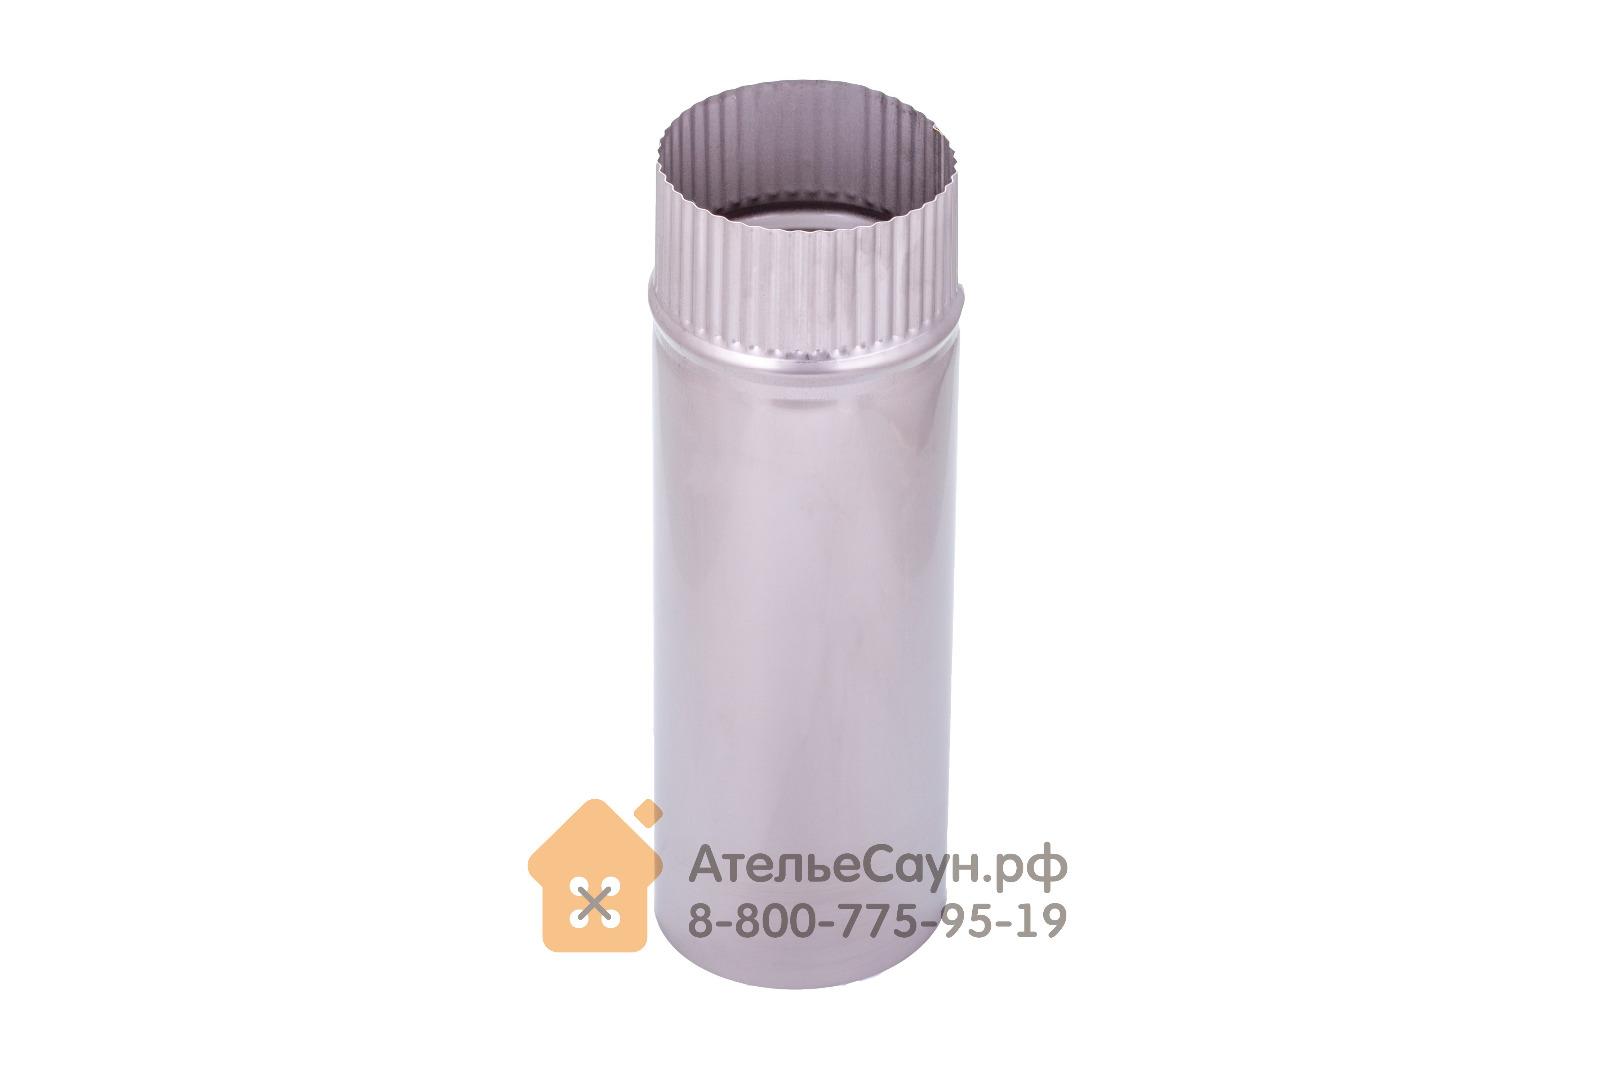 Труба голая D115 мм L = 0,35 м (нерж. 0,8 мм AISI 304)